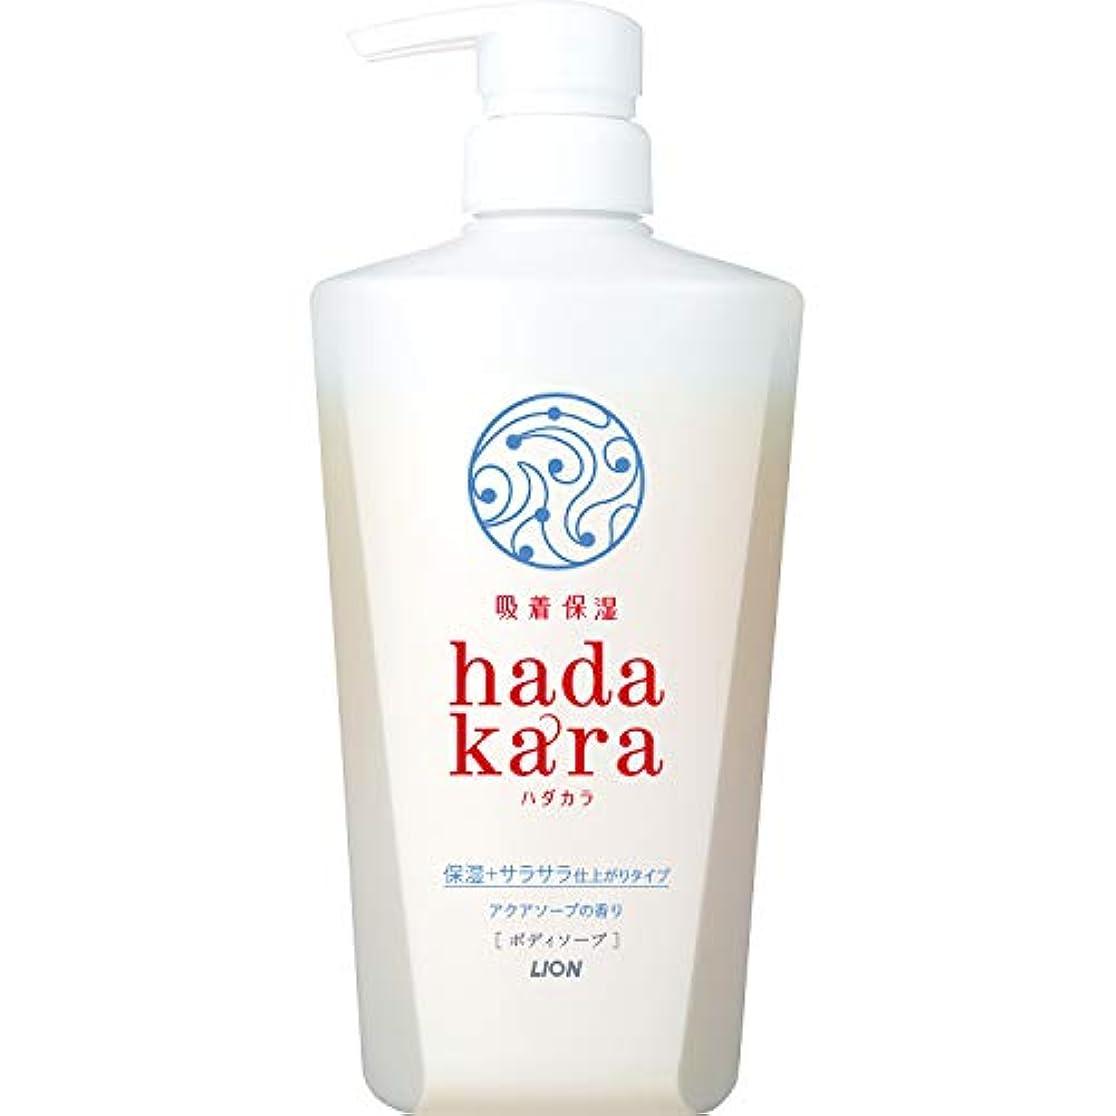 計り知れない手術反対にhadakara(ハダカラ) ボディソープ 保湿+サラサラ仕上がりタイプ アクアソープの香り 本体 480ml